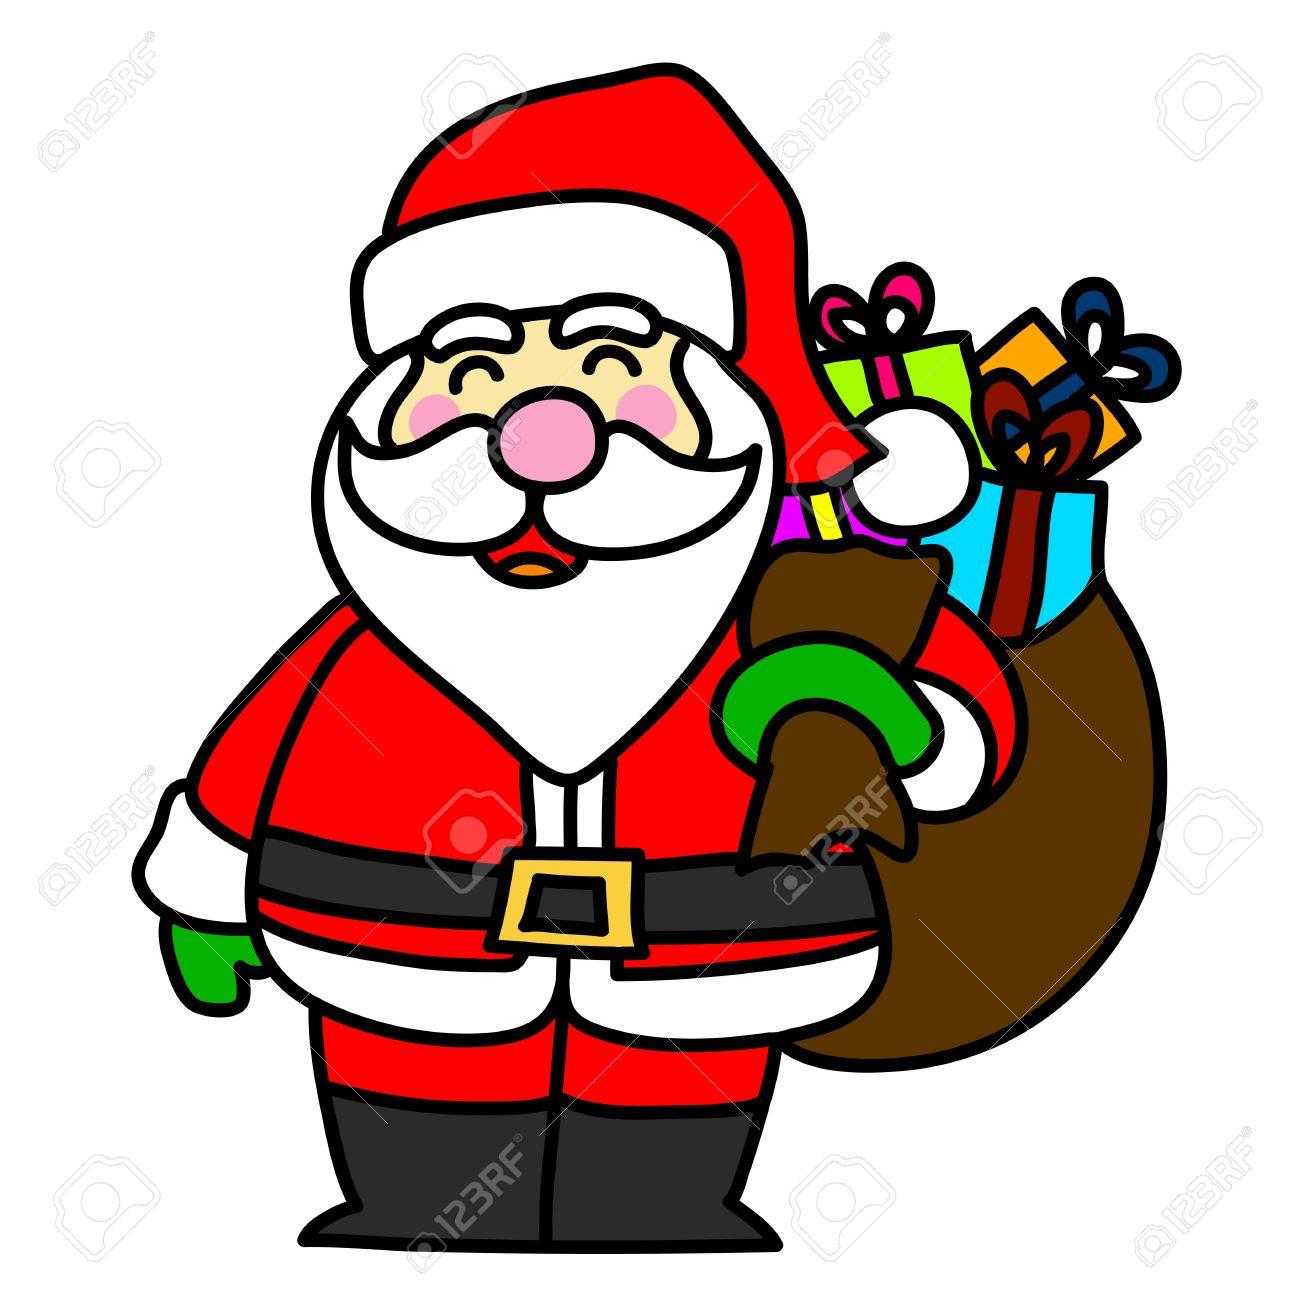 cartoon santa claus royalty free cliparts, vectors, and stock